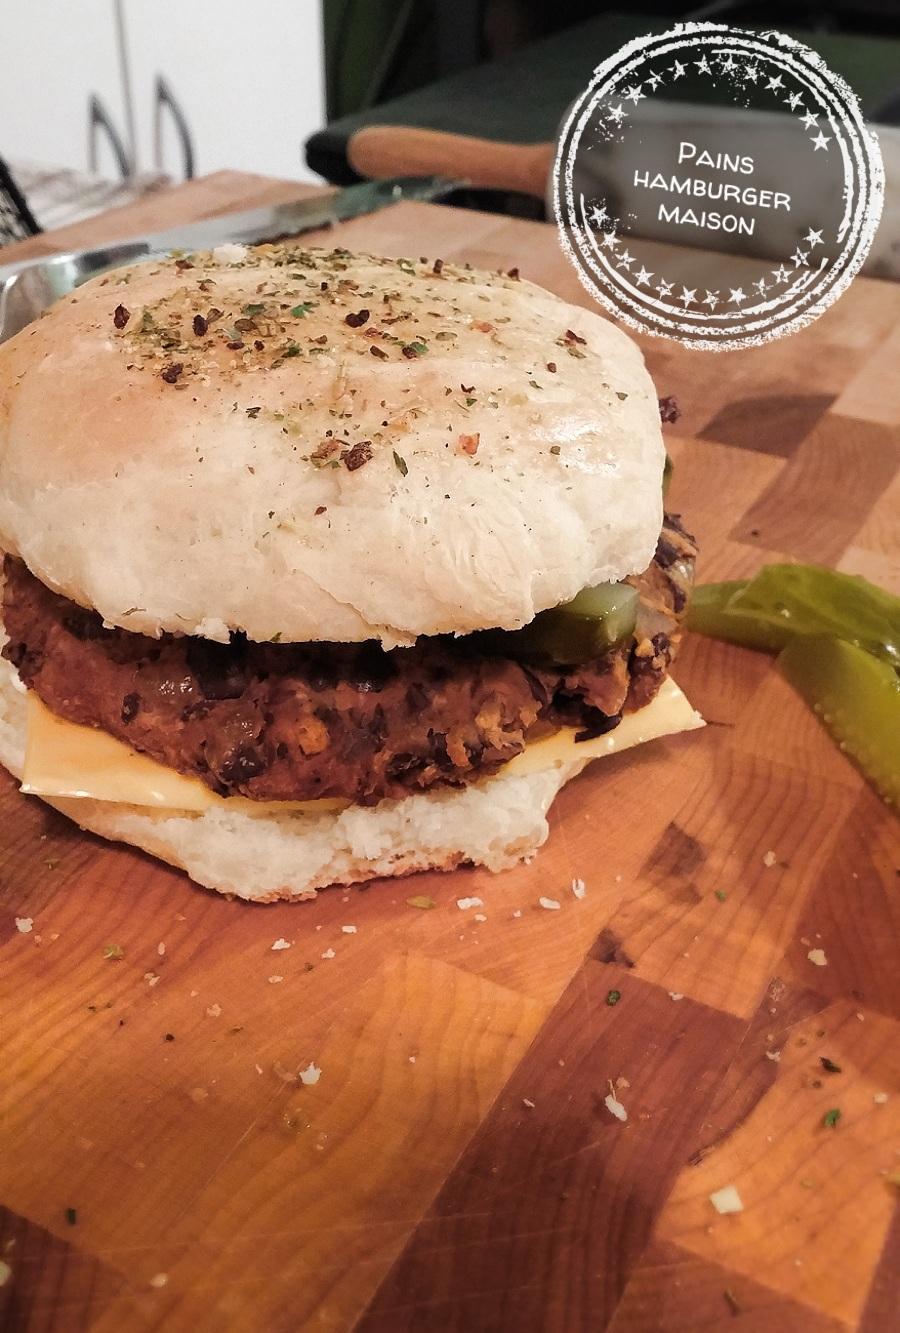 Pains hamburger maison au bout de la langue - Recette hamburger maison original ...